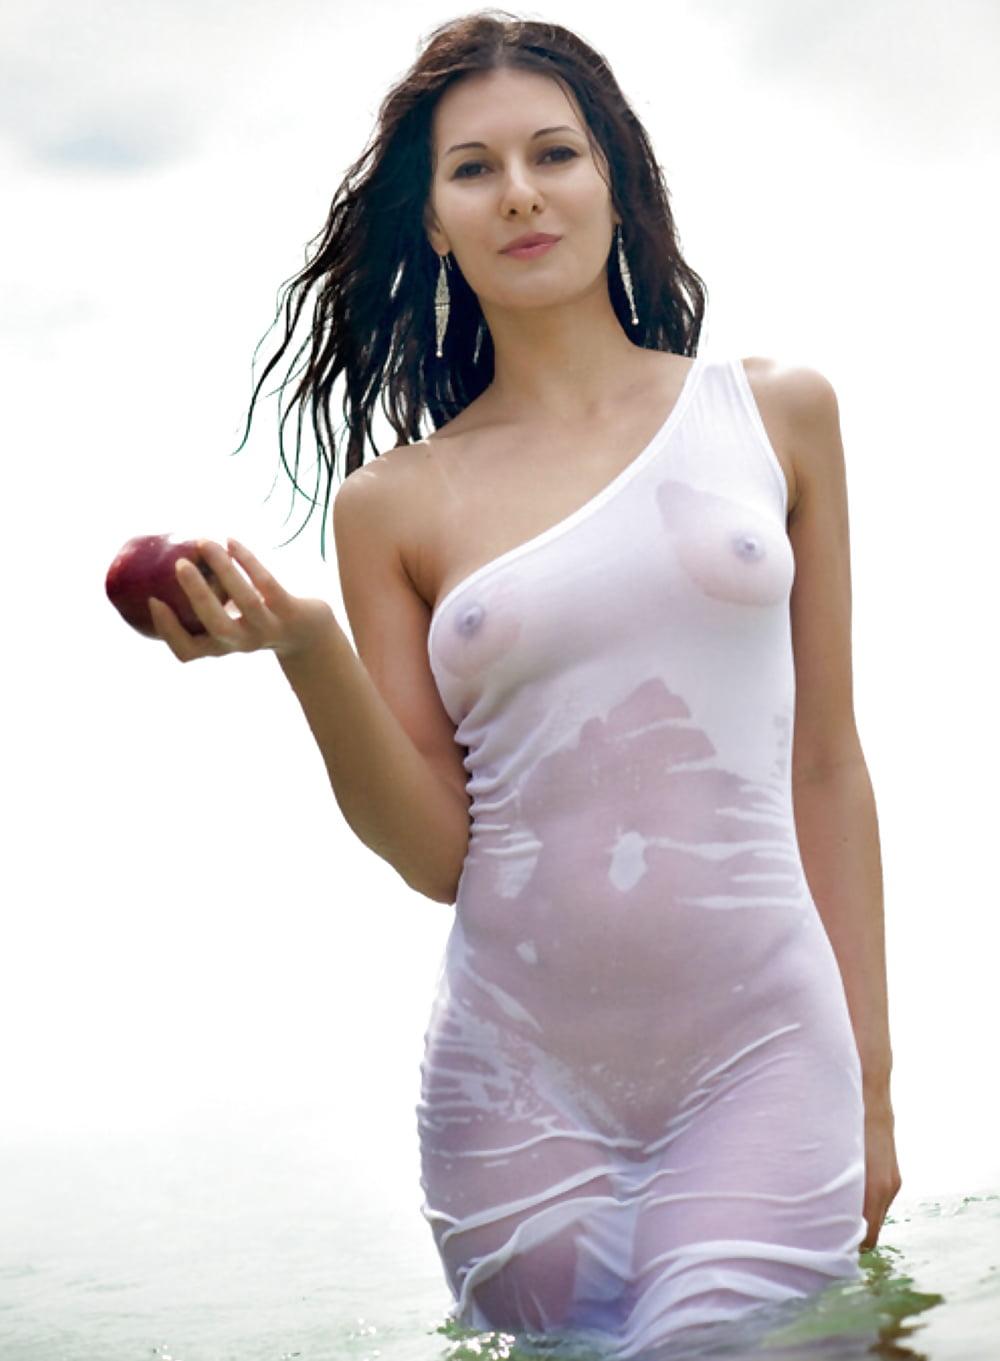 Прозрачное мокрое белье эротика фото